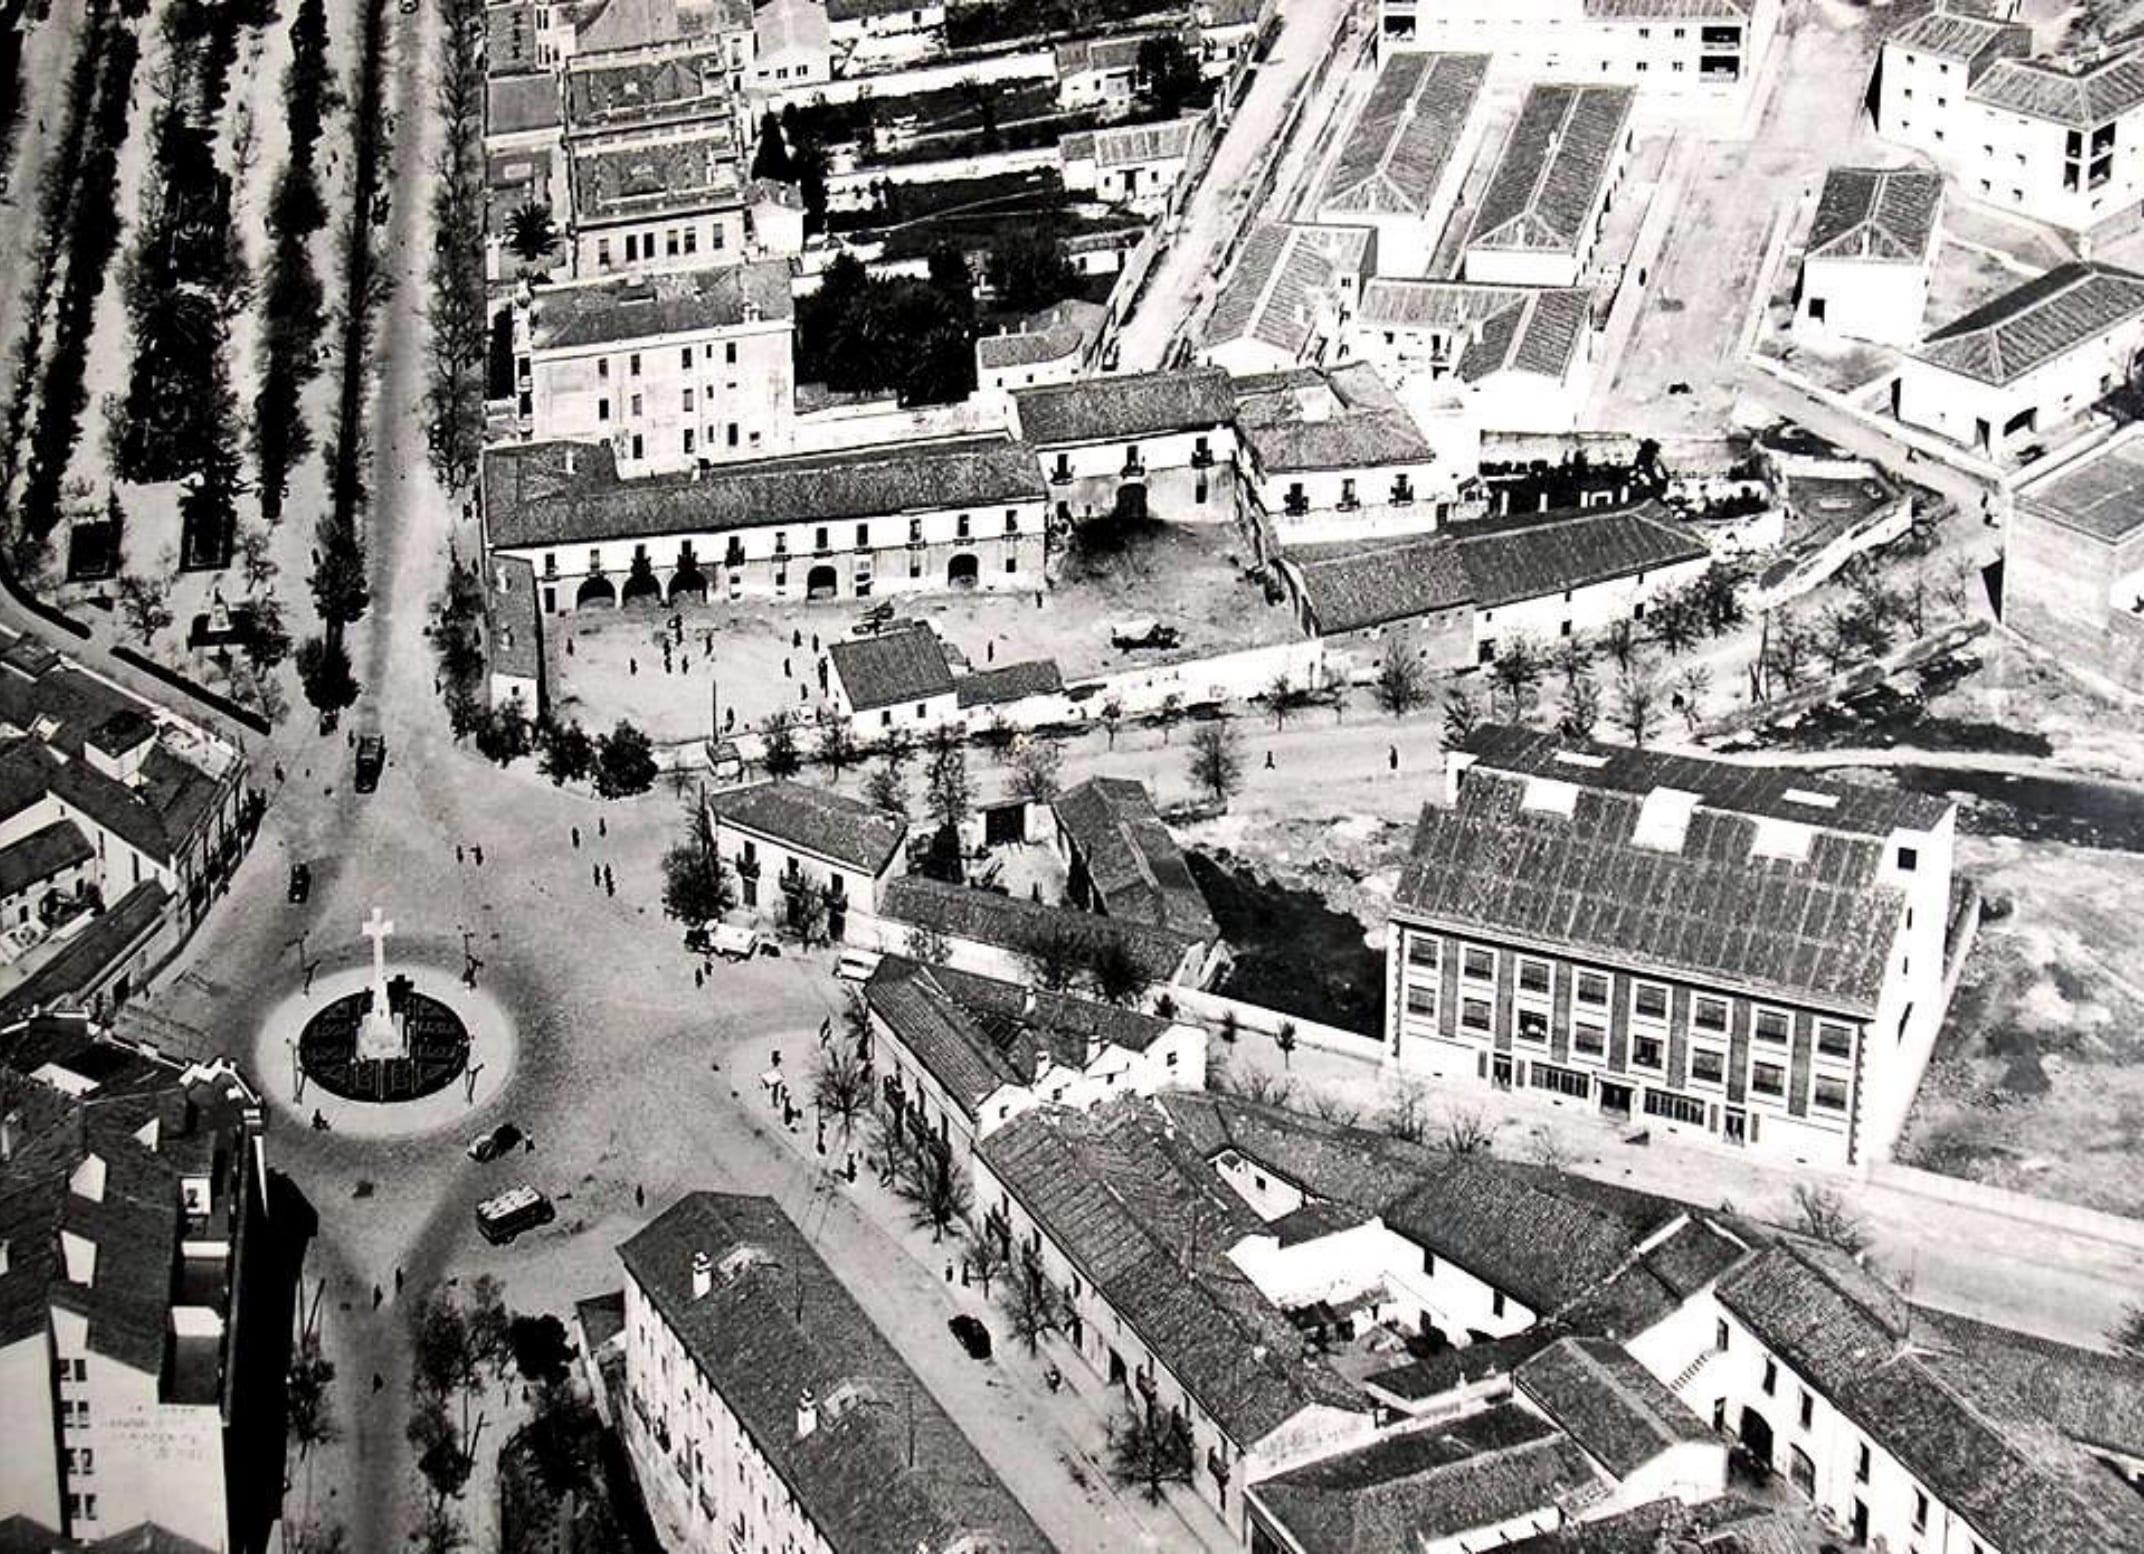 Imagen aérea de los años 50